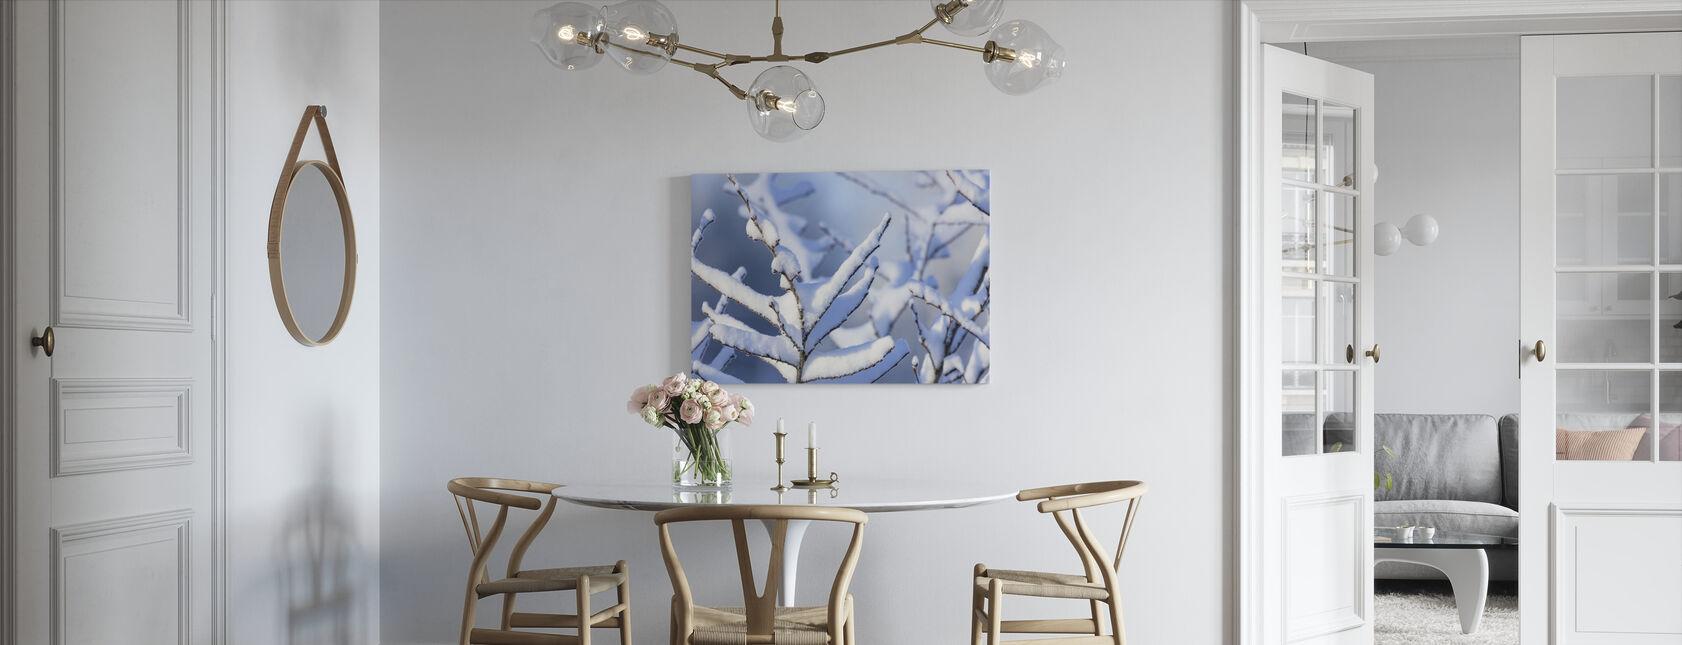 Jäätynyt haara - Canvastaulu - Keittiö